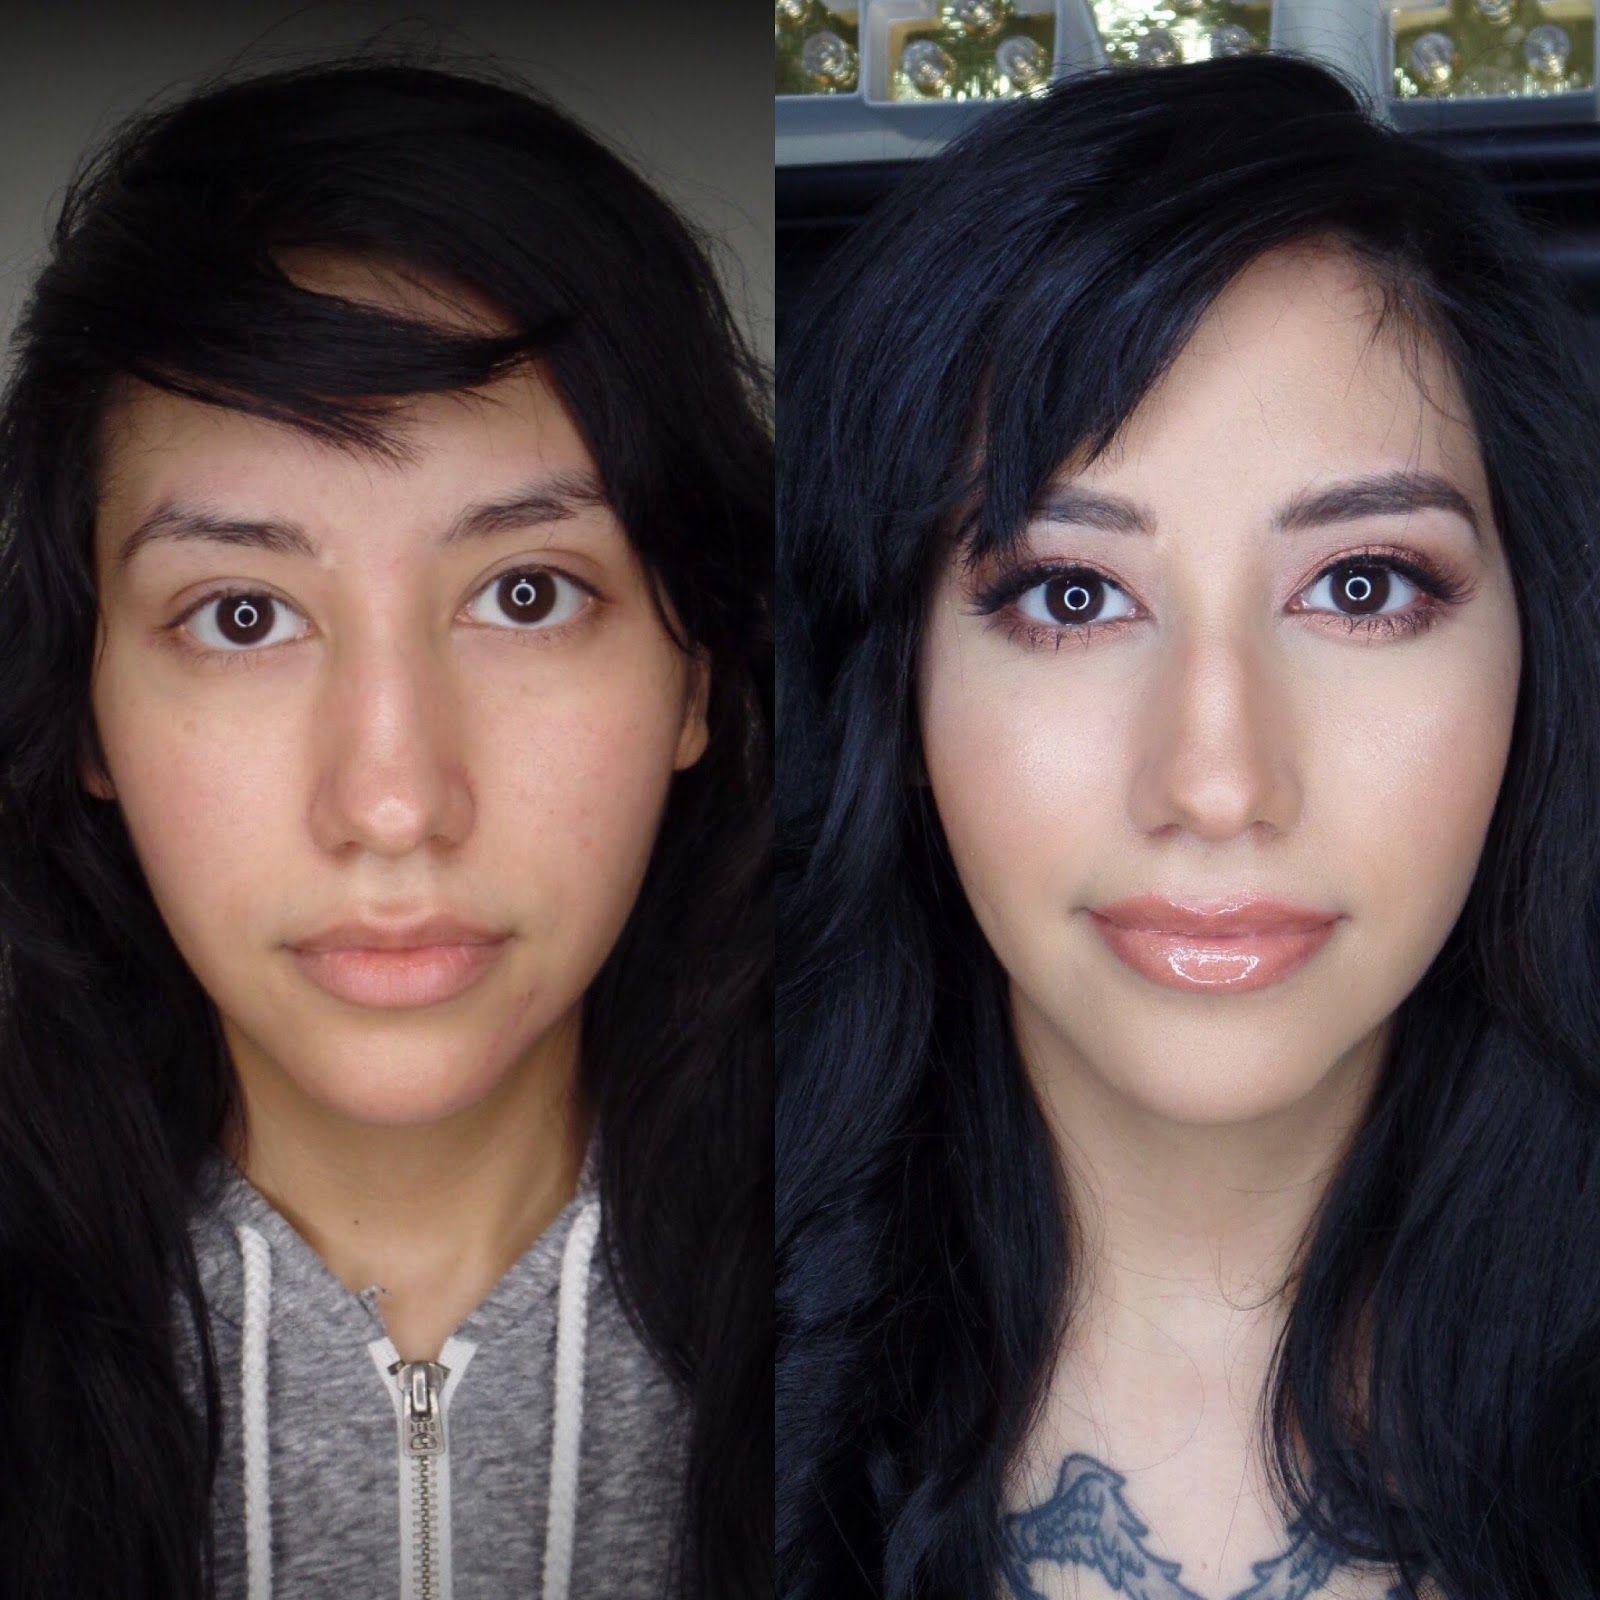 San Antonio makeup artist natural makeup before and after